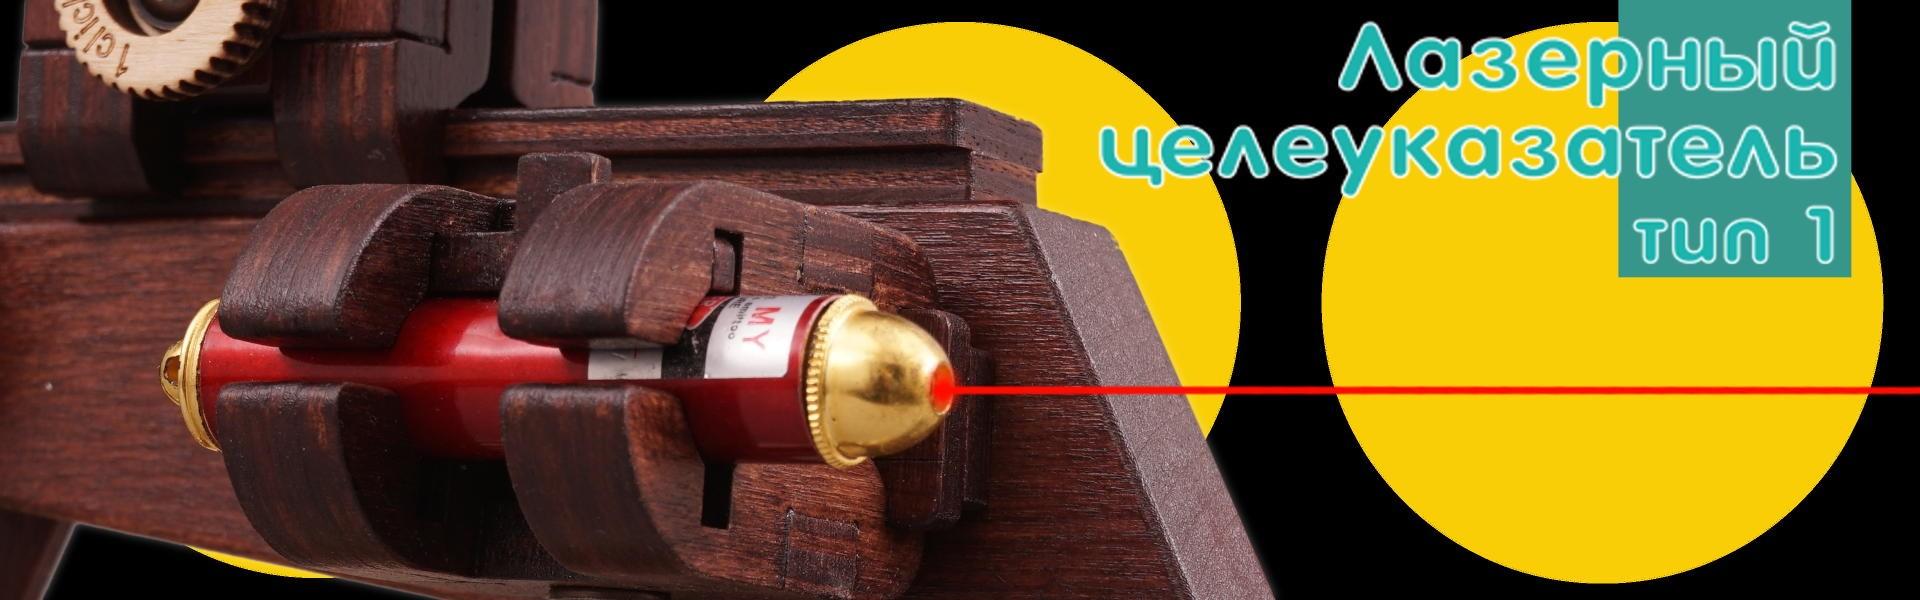 Лазерный целеуказатель тип 1 - фото 5375